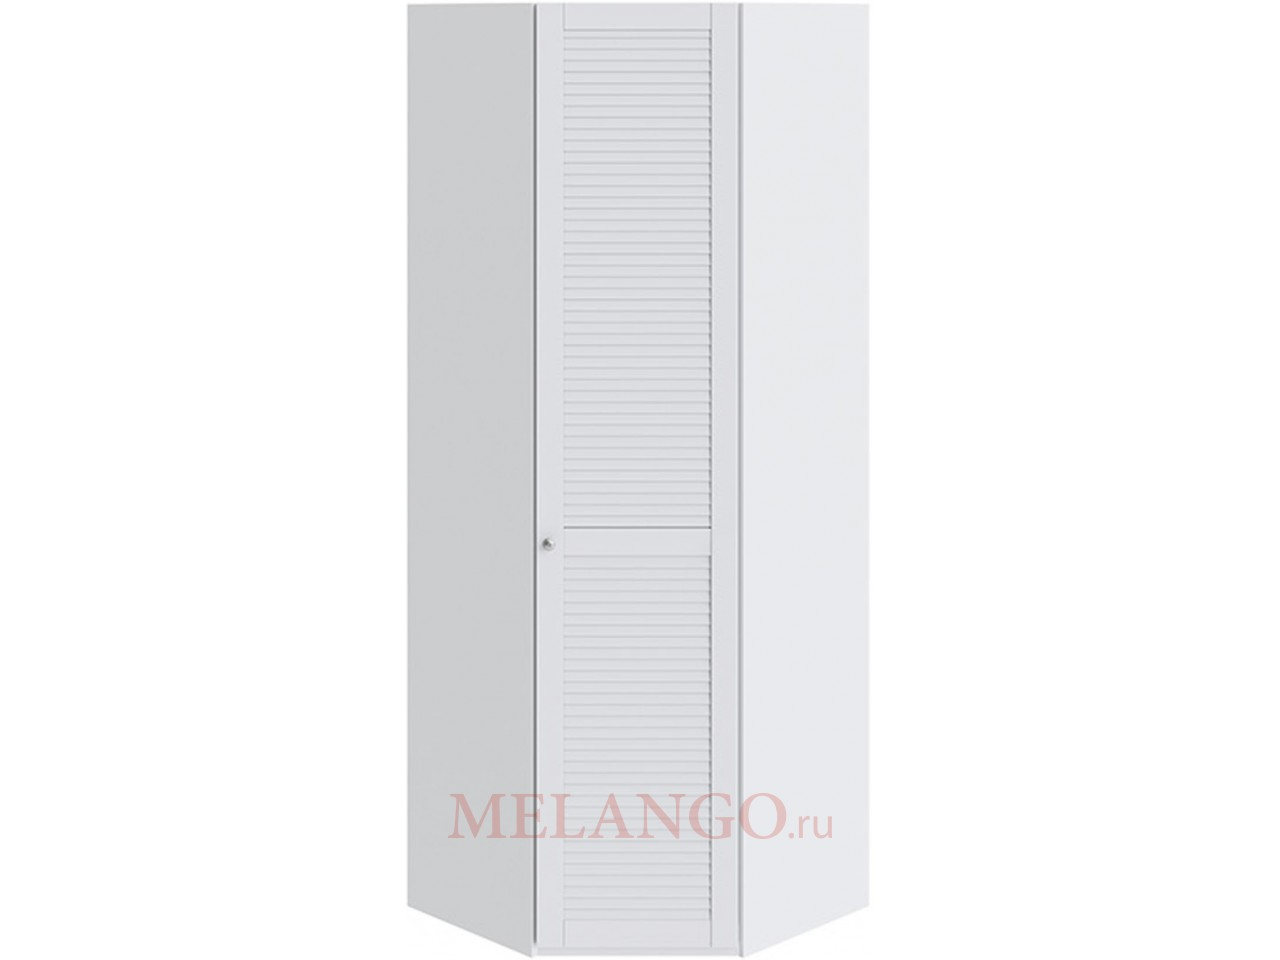 Шкаф угловой с 1-ой дверью правый «Ривьера» (Белый) СМ 241.23.003 R